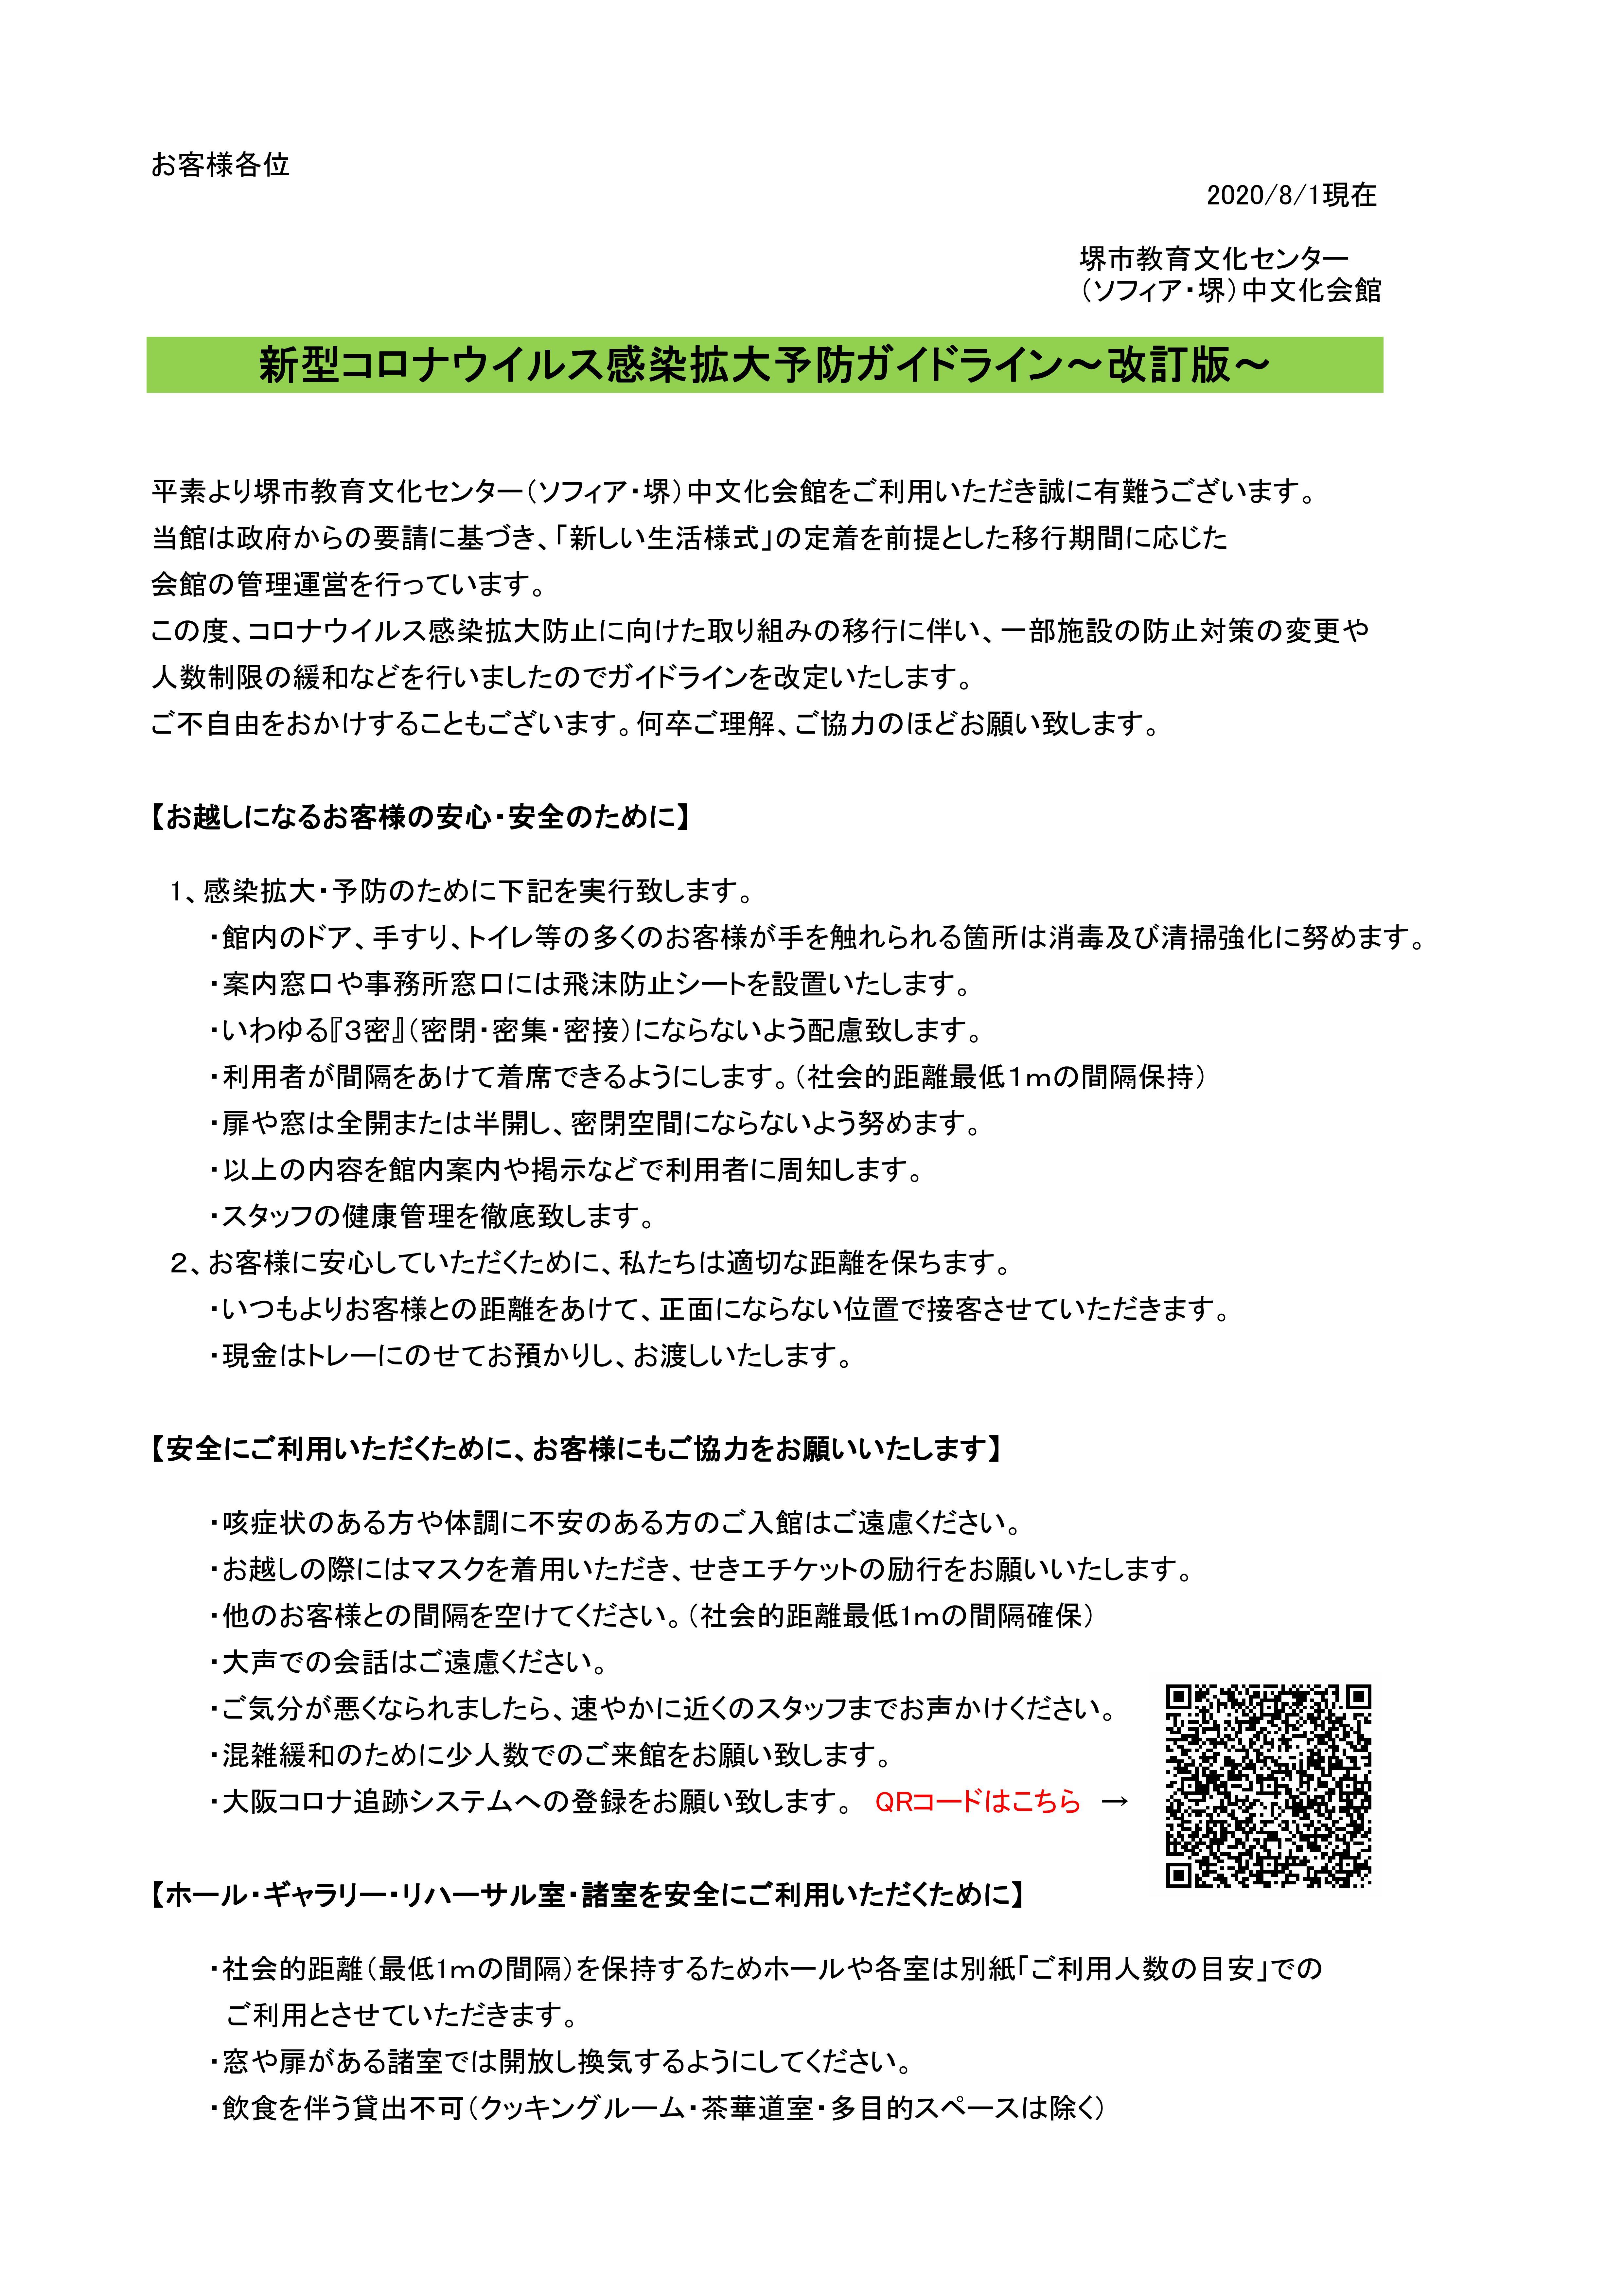 【更新】新型コロナウイルス感染拡大予防ガイドラインについて